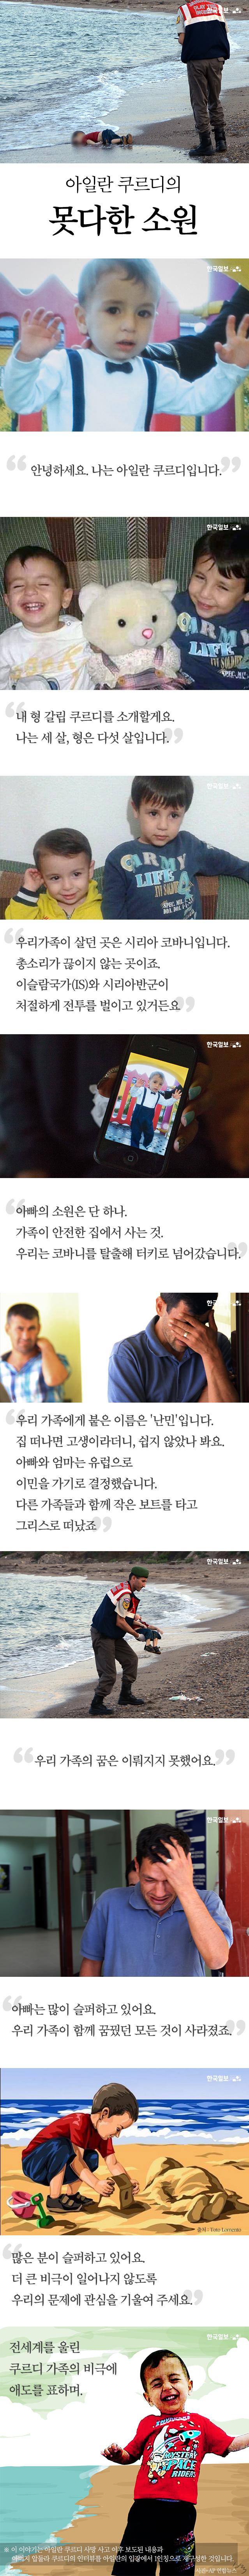 추모의글.png